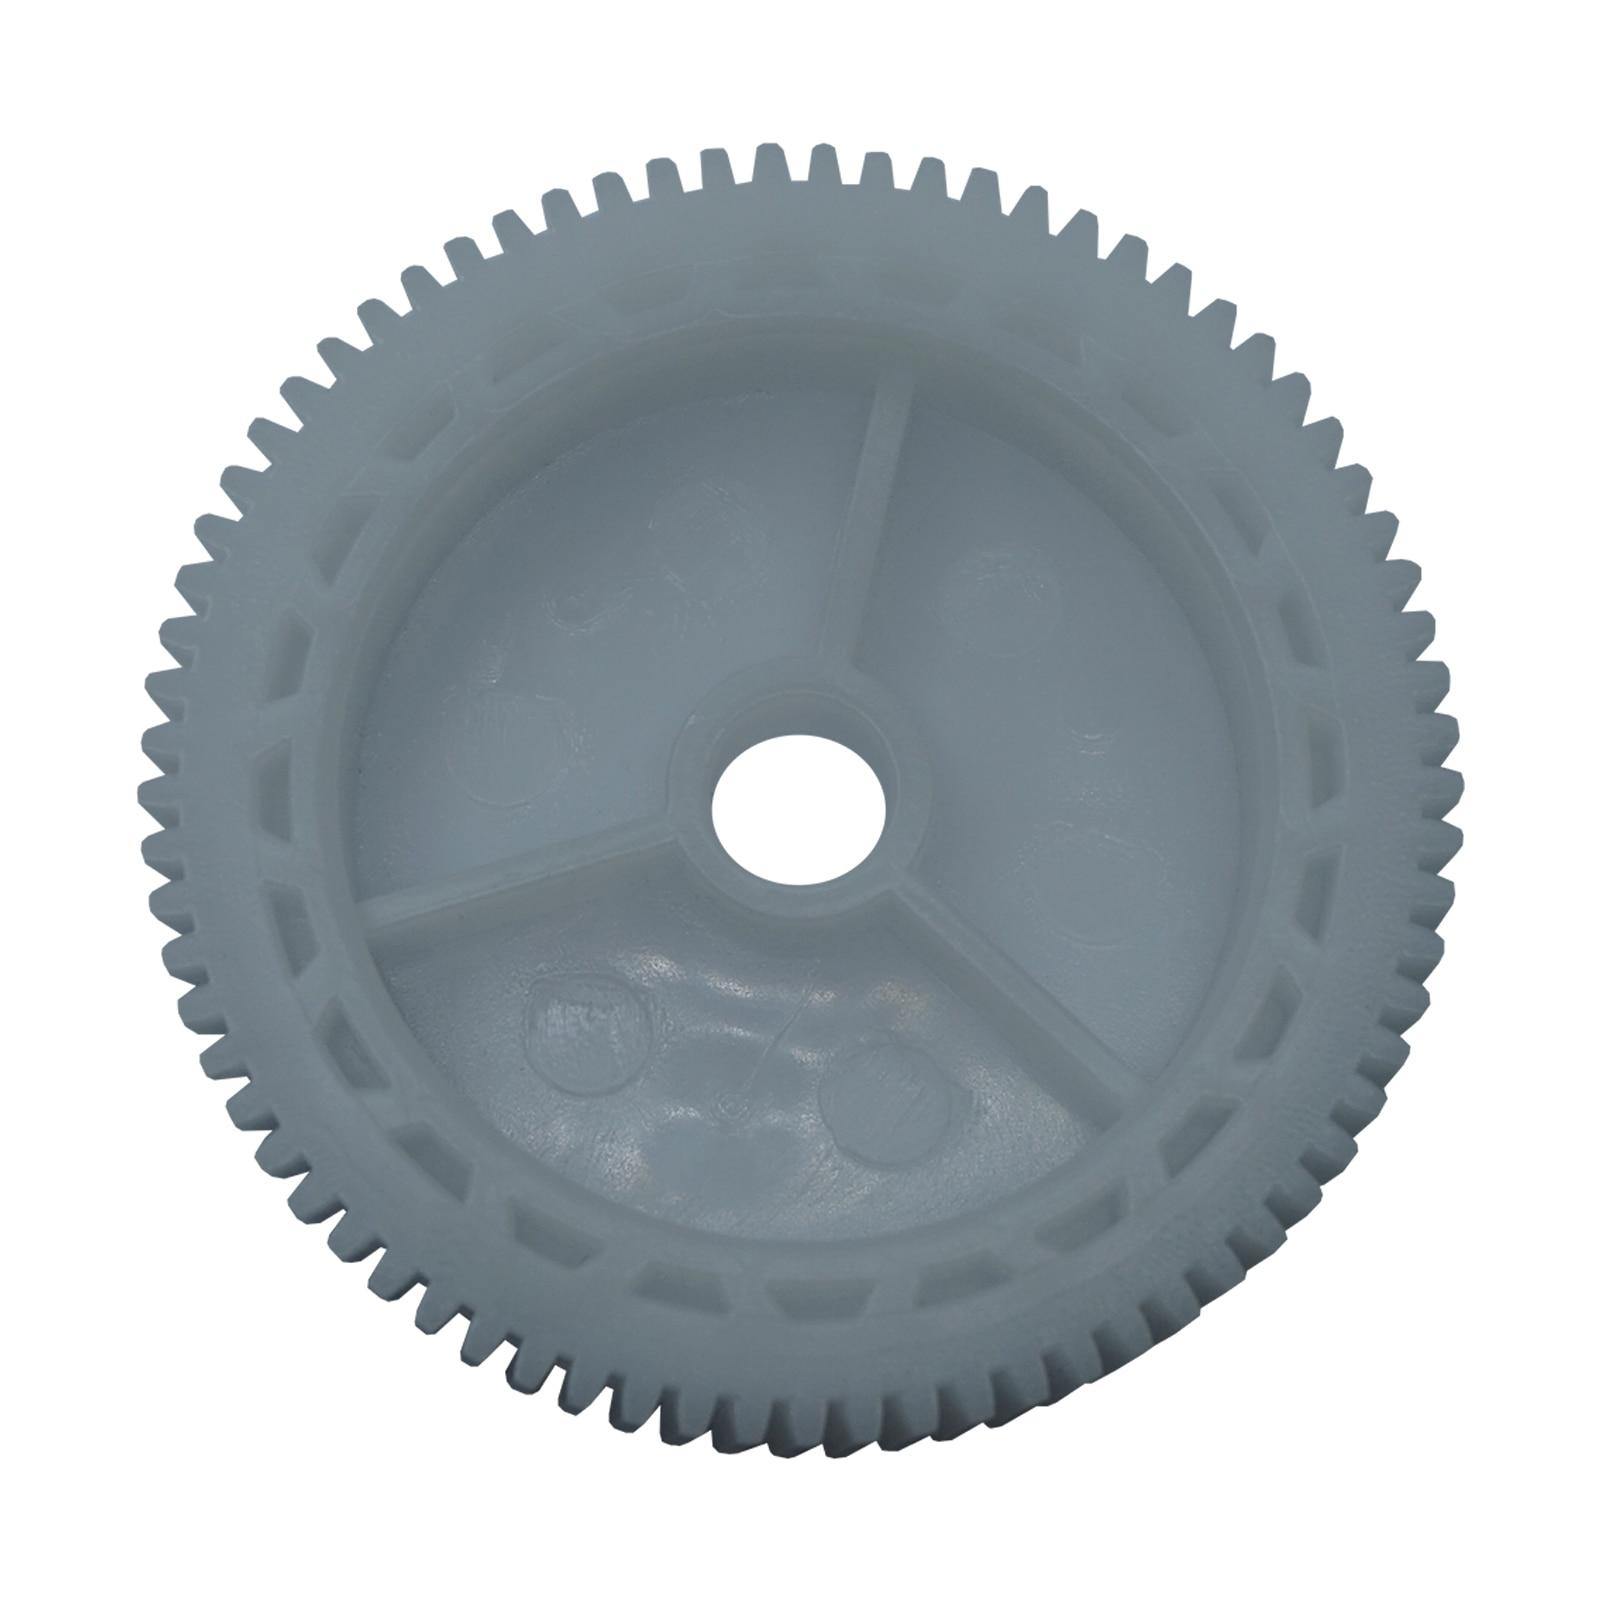 Bross bwr5272 regulador de janela de energia motor levantador rolo engrenagem interna para vw passat b6 b7 número de dentes 73, diâmetro 61.40mm